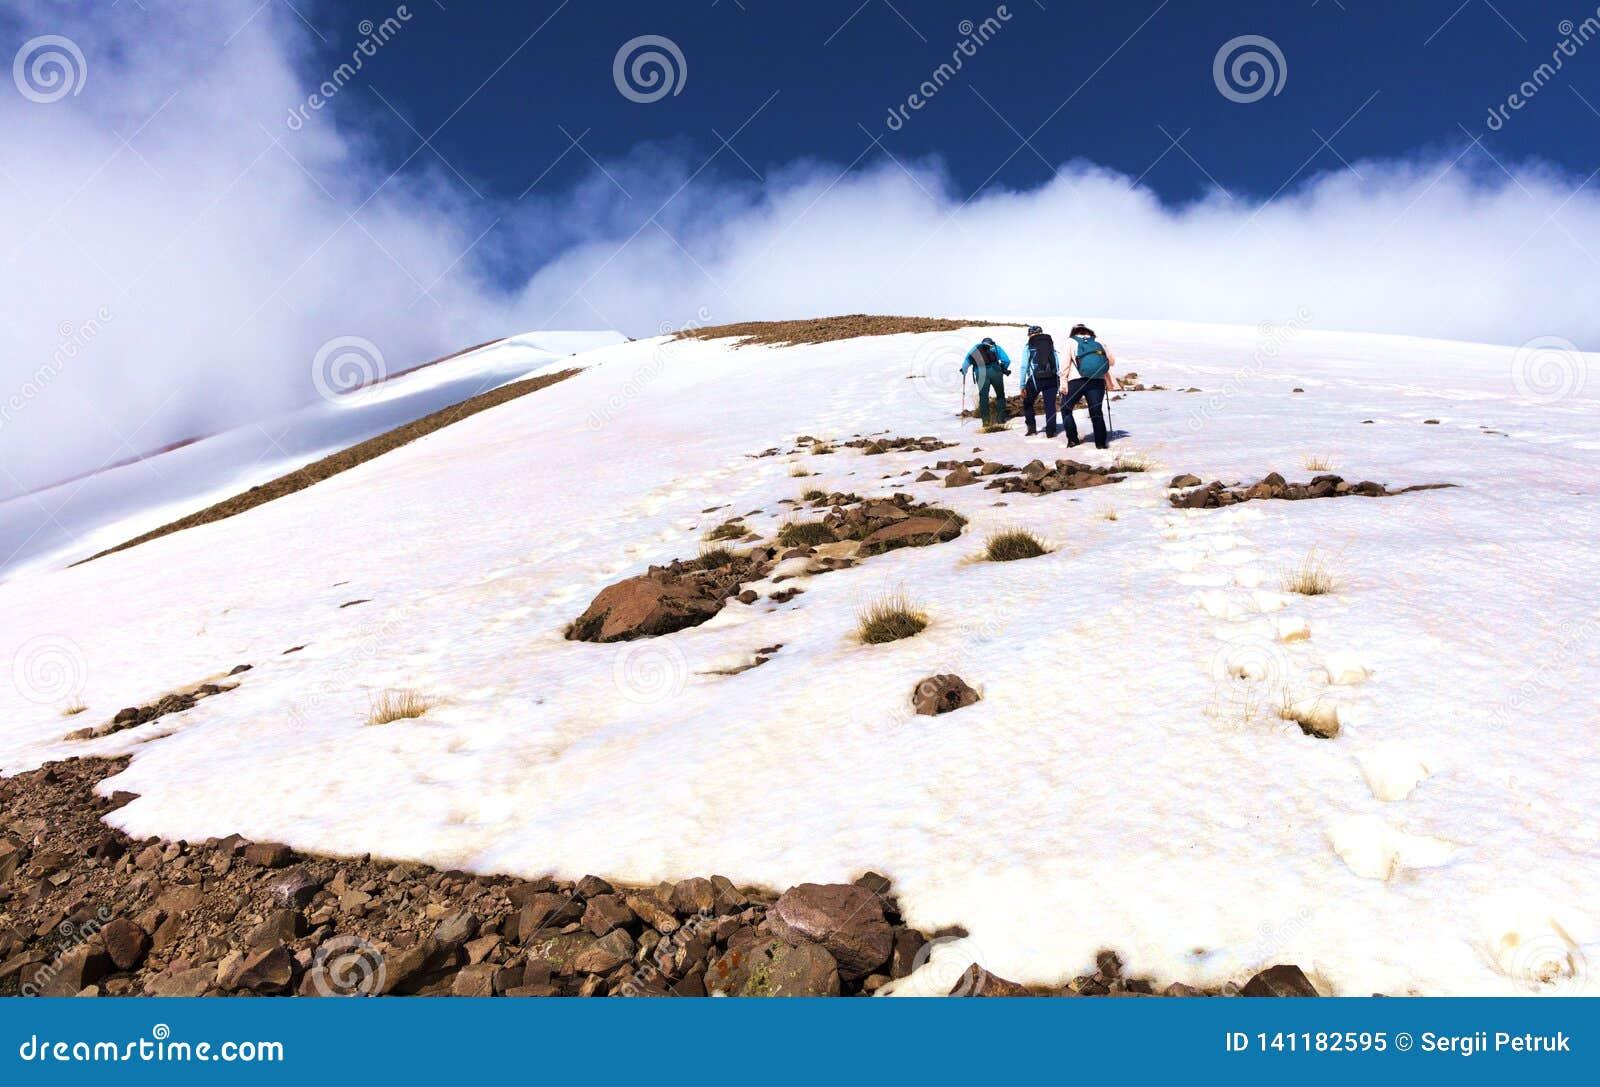 Μια ομάδα τουριστών αναρριχείται δύσκολο χιονισμένο mountainside στην ομιχλώδη σύνοδο κορυφής της